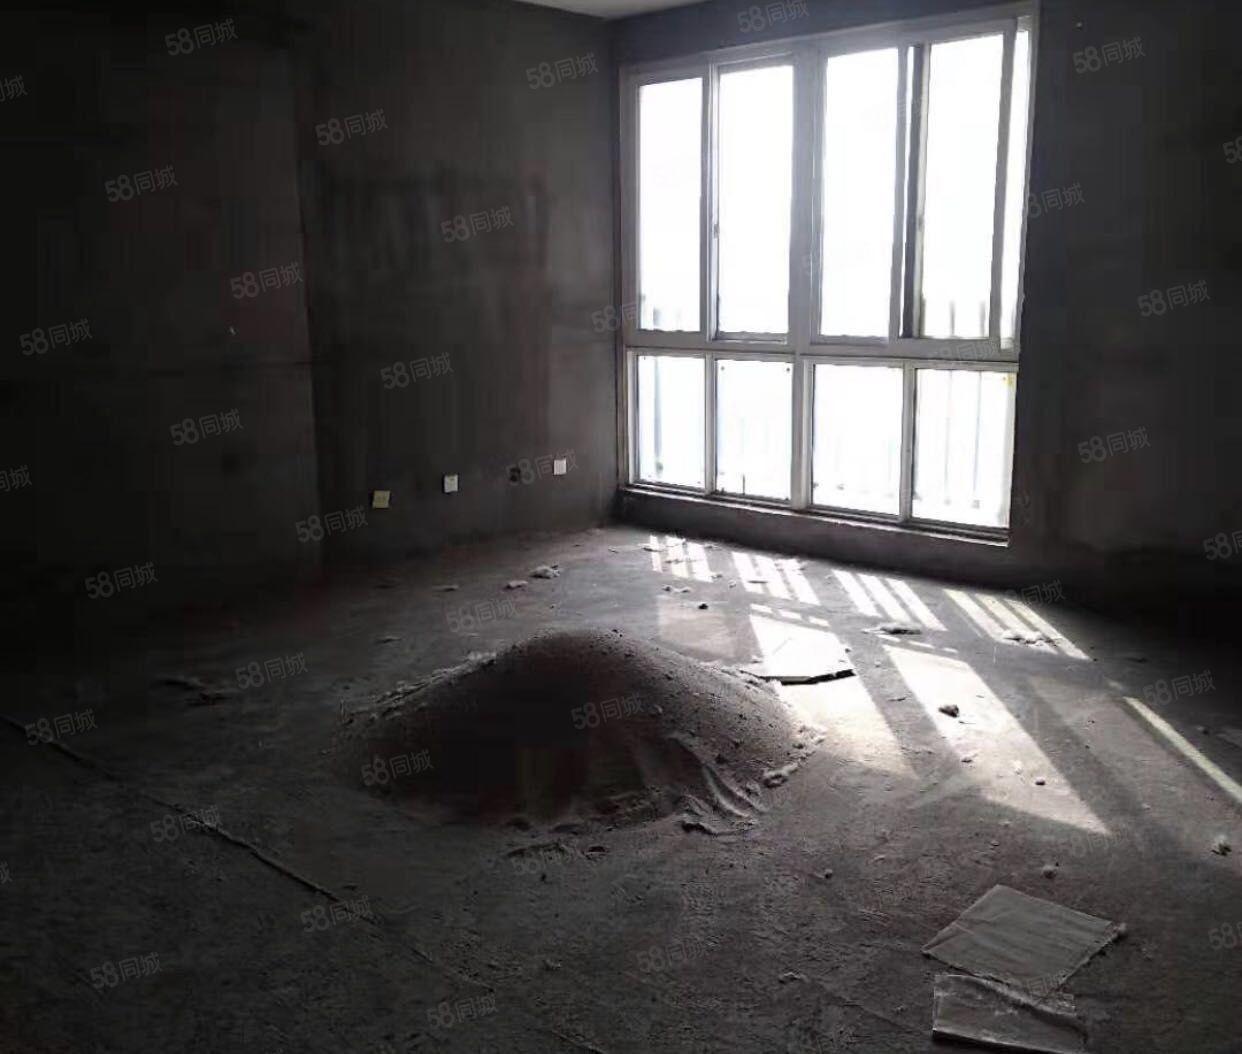 文林路大社区日月星城文林学校旁3室毛坯电梯中层